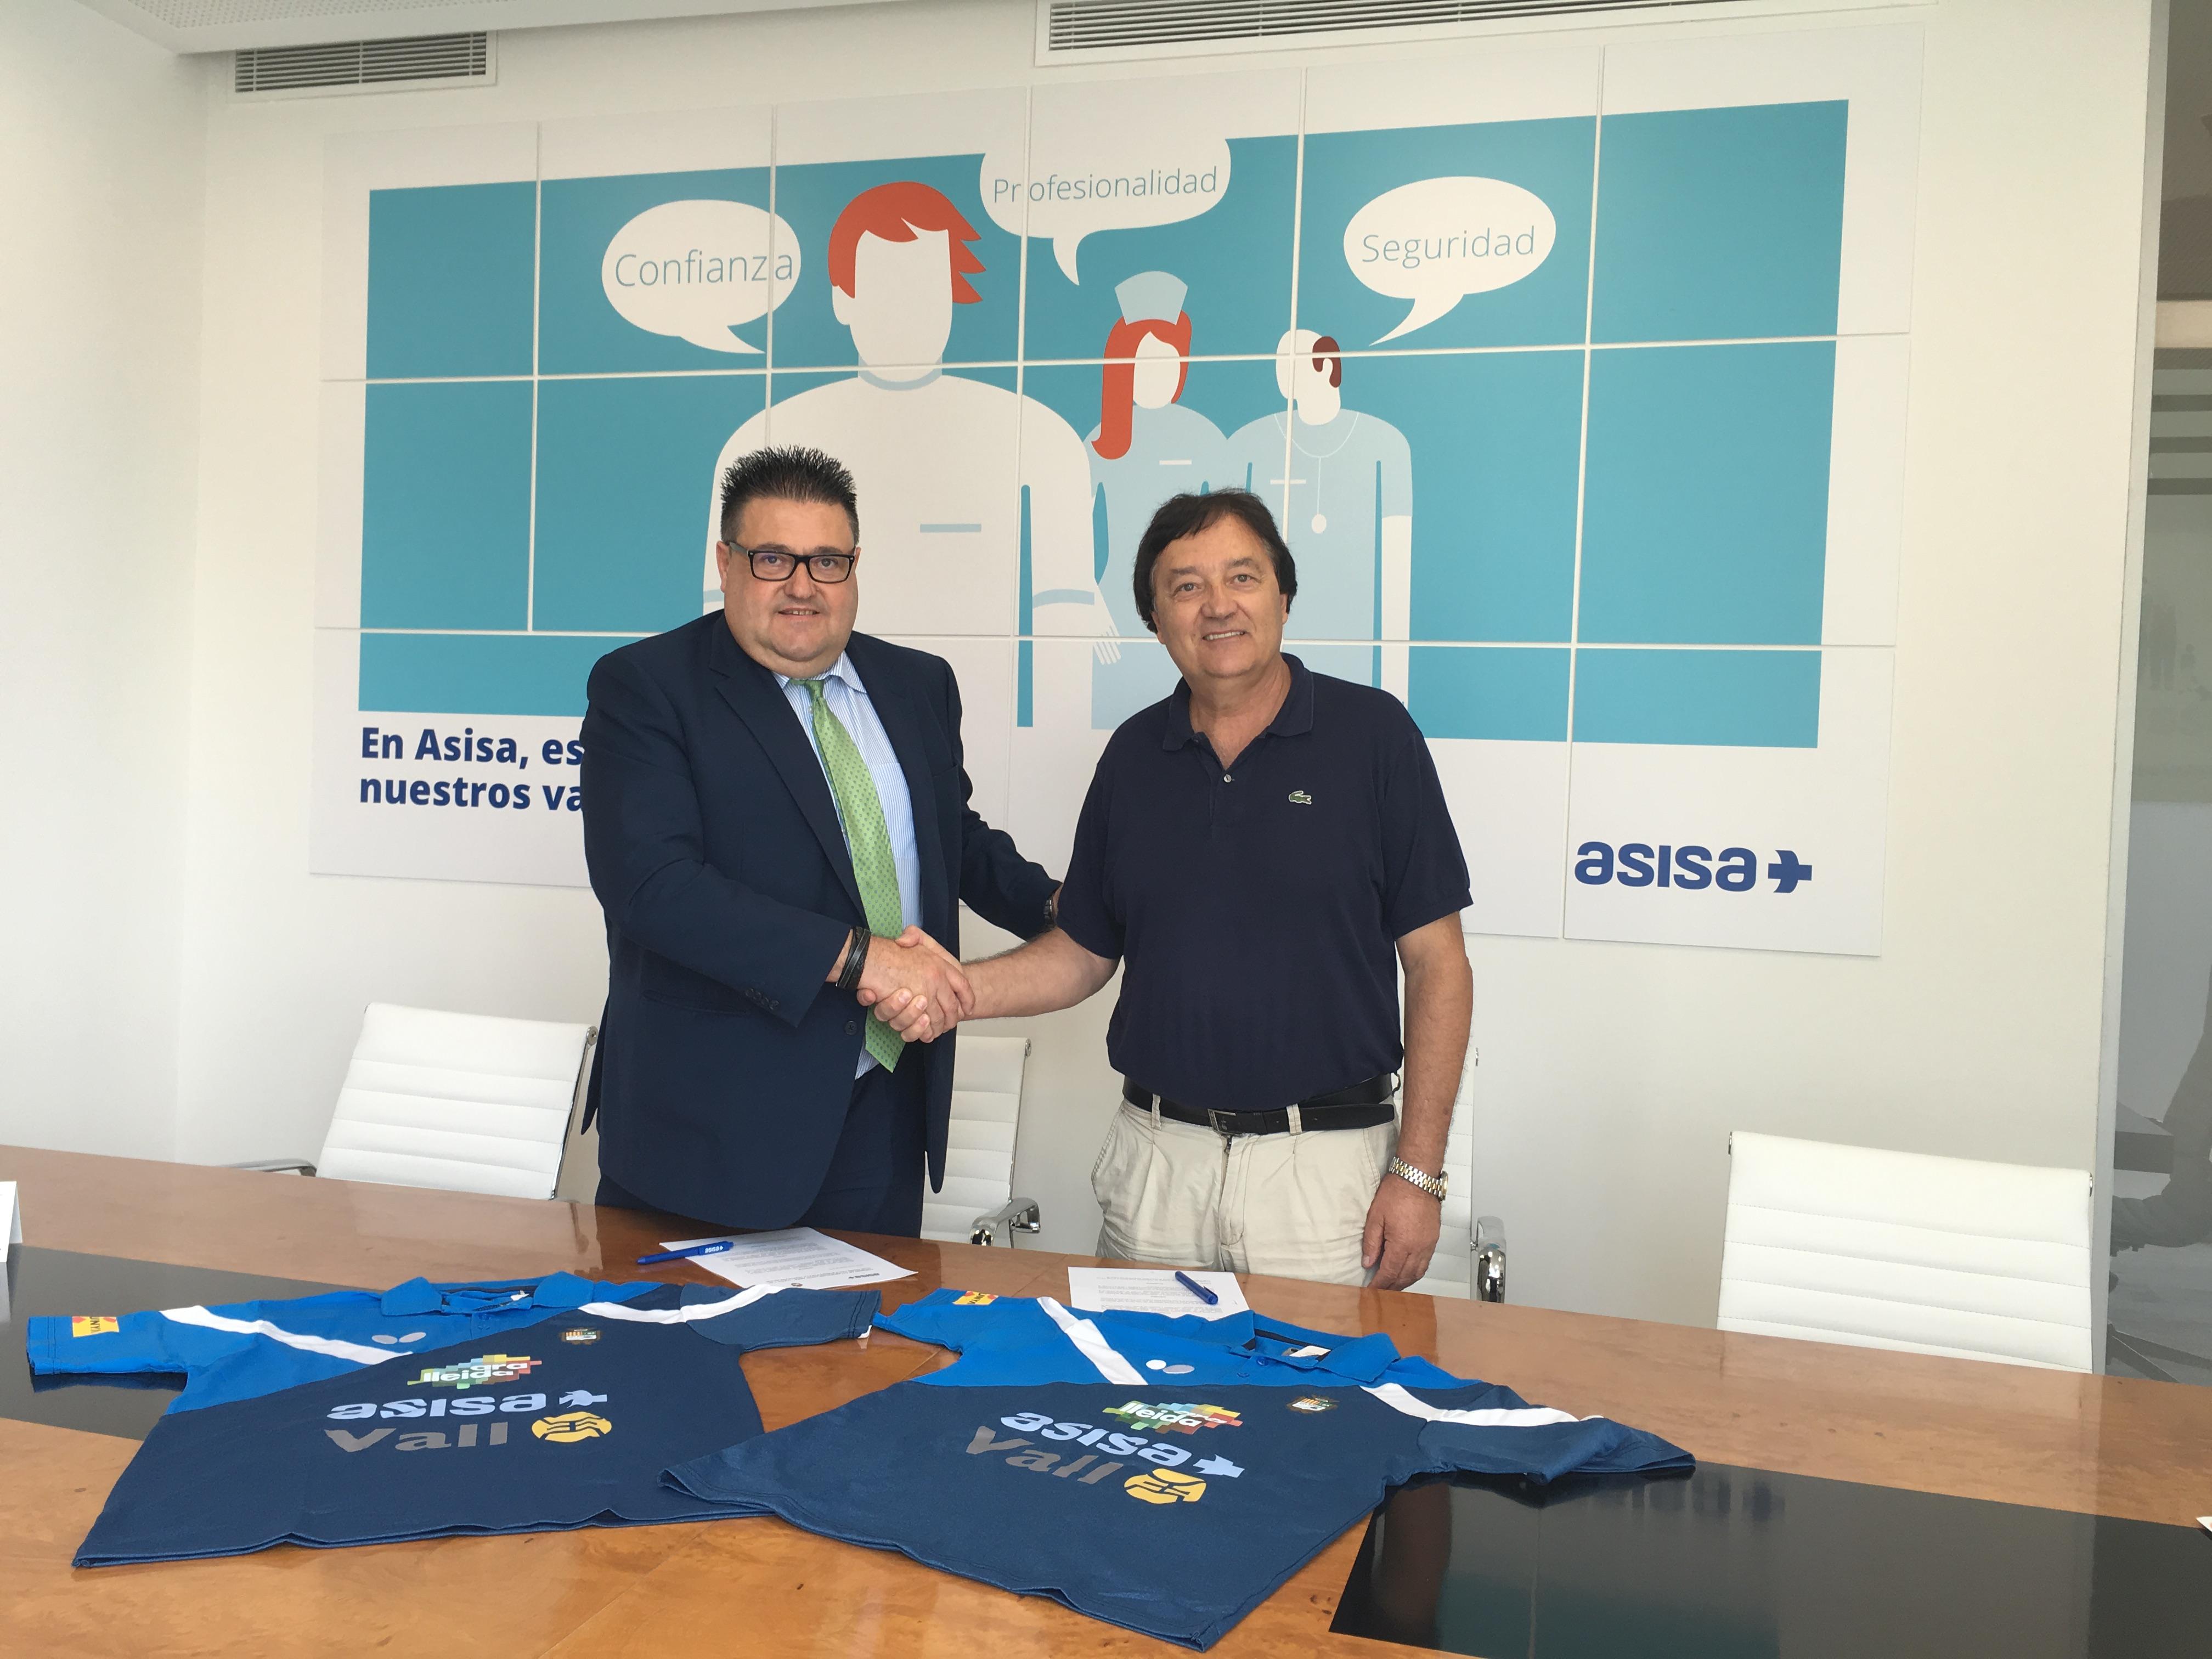 ASISA, nou patrocinador del Borges de Superdivisió